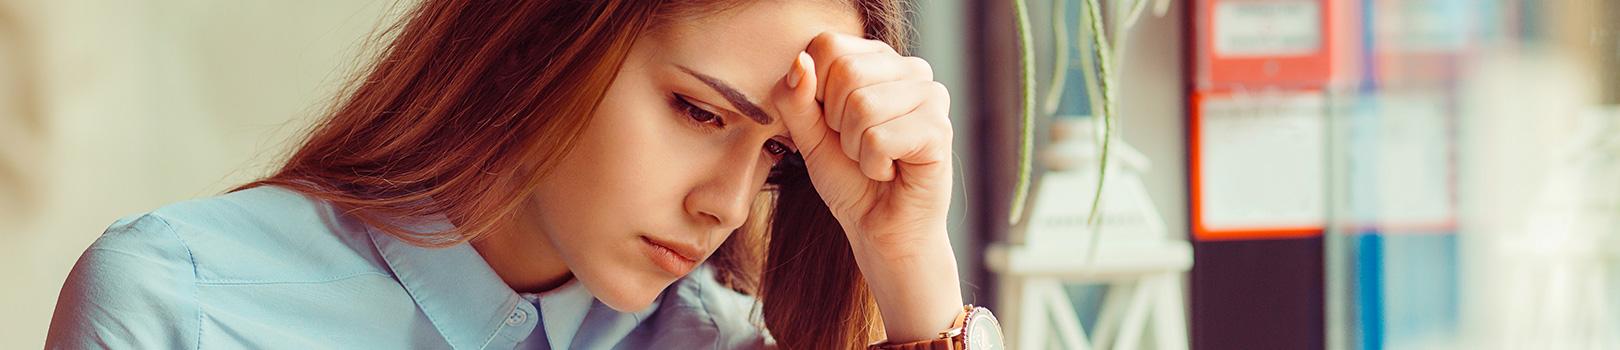 Le mal-être et la dépression